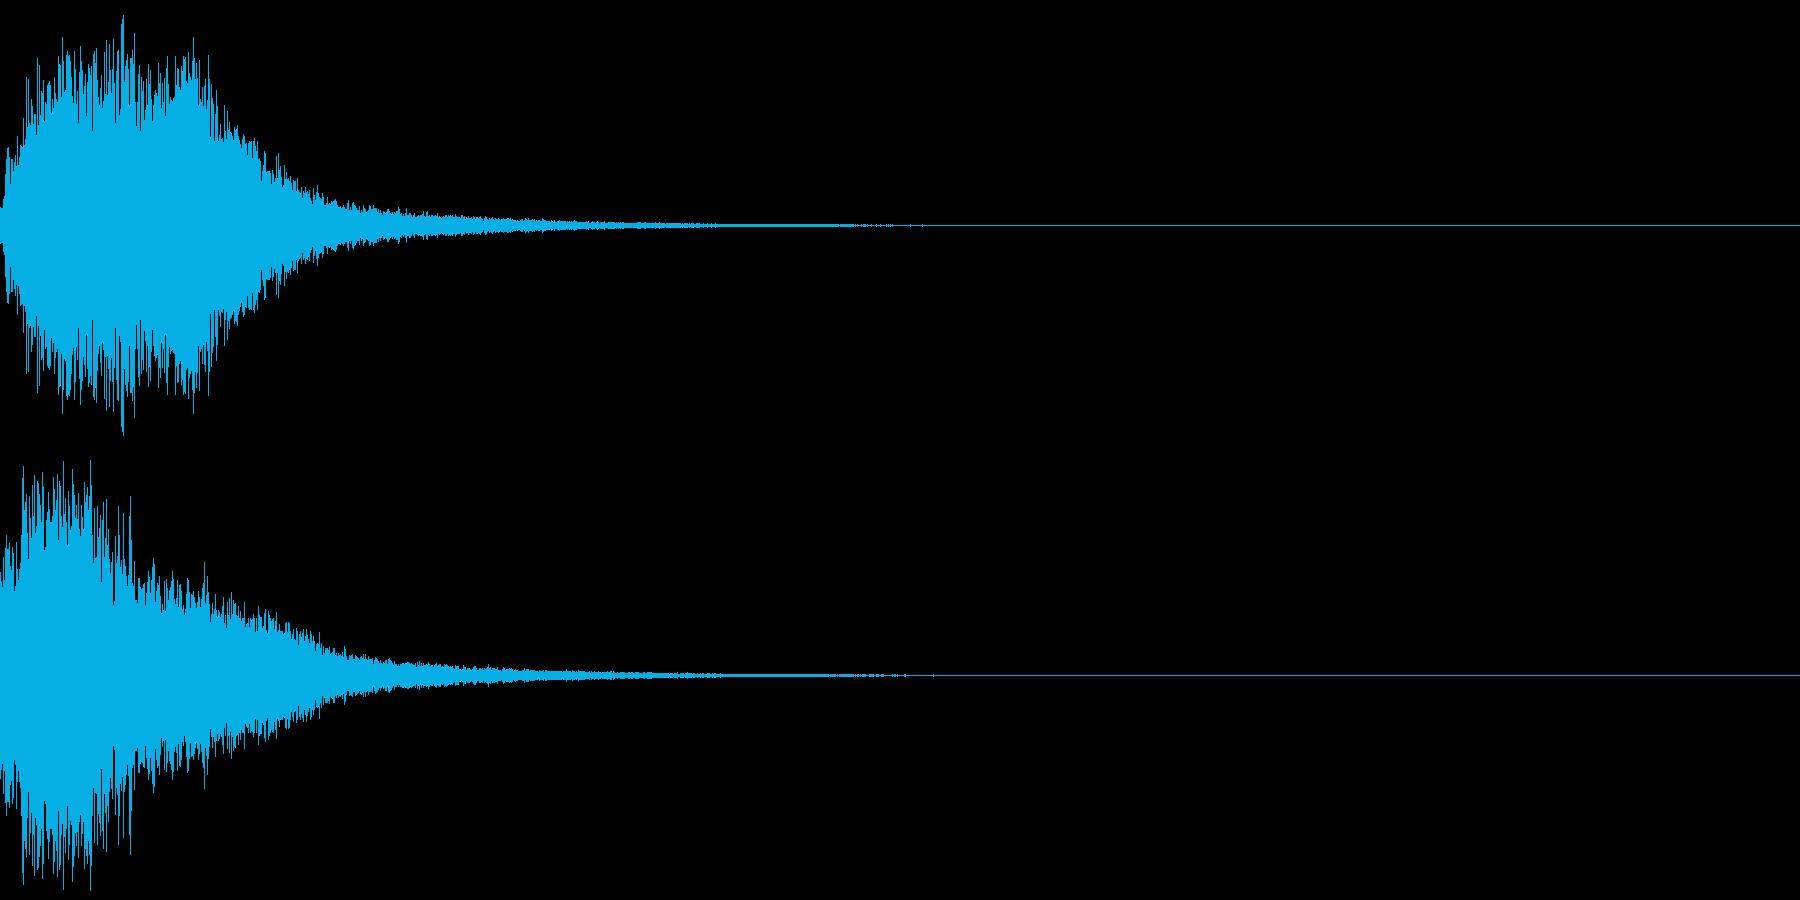 シャキーン(魔法、星、光の輝きに)6BVの再生済みの波形